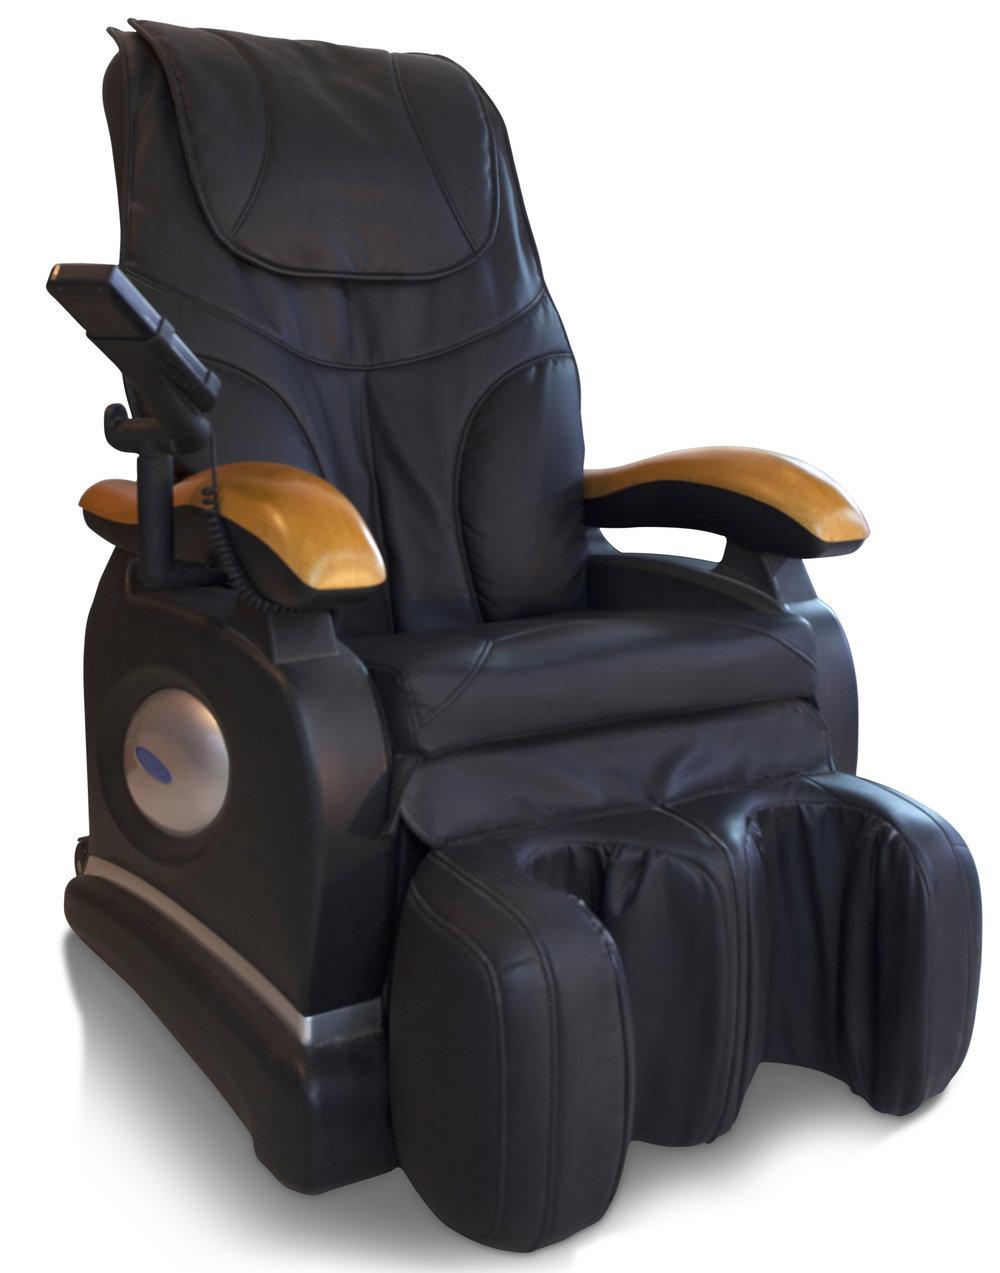 MassageChair-1.jpg